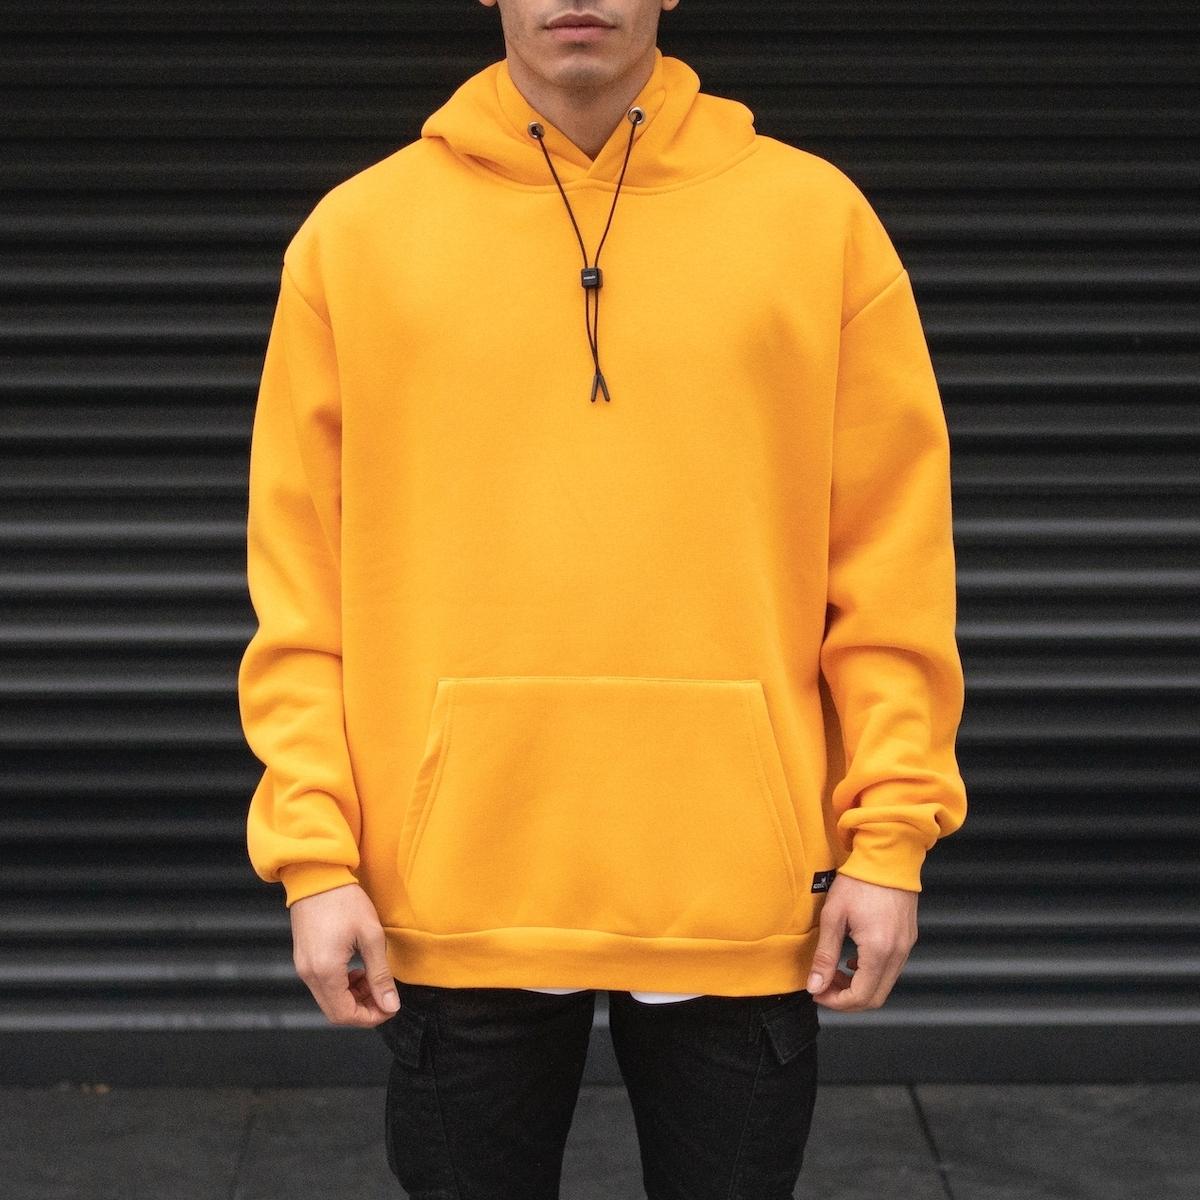 Erkek Oversize Basic Kanguru Cepli Sarı Hardal Rengi Hoodie Sweatshirt